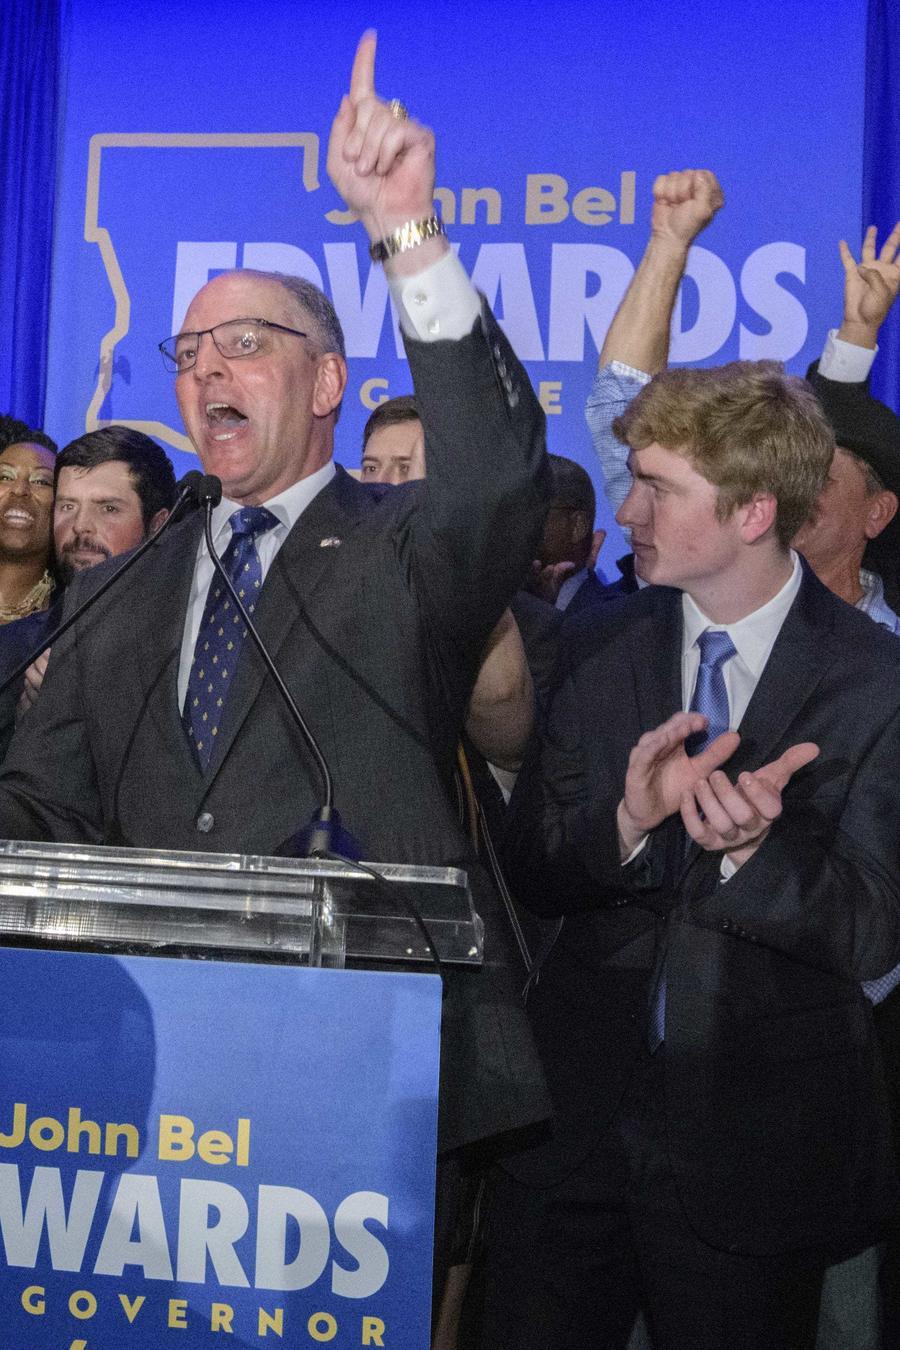 El gobernador de Luisiana, John Bel Edwards, llega para dirigirse a sus partidarios en su fiesta en Baton Rouge, Luisiana, el sábado 16 de noviembre de 2019.